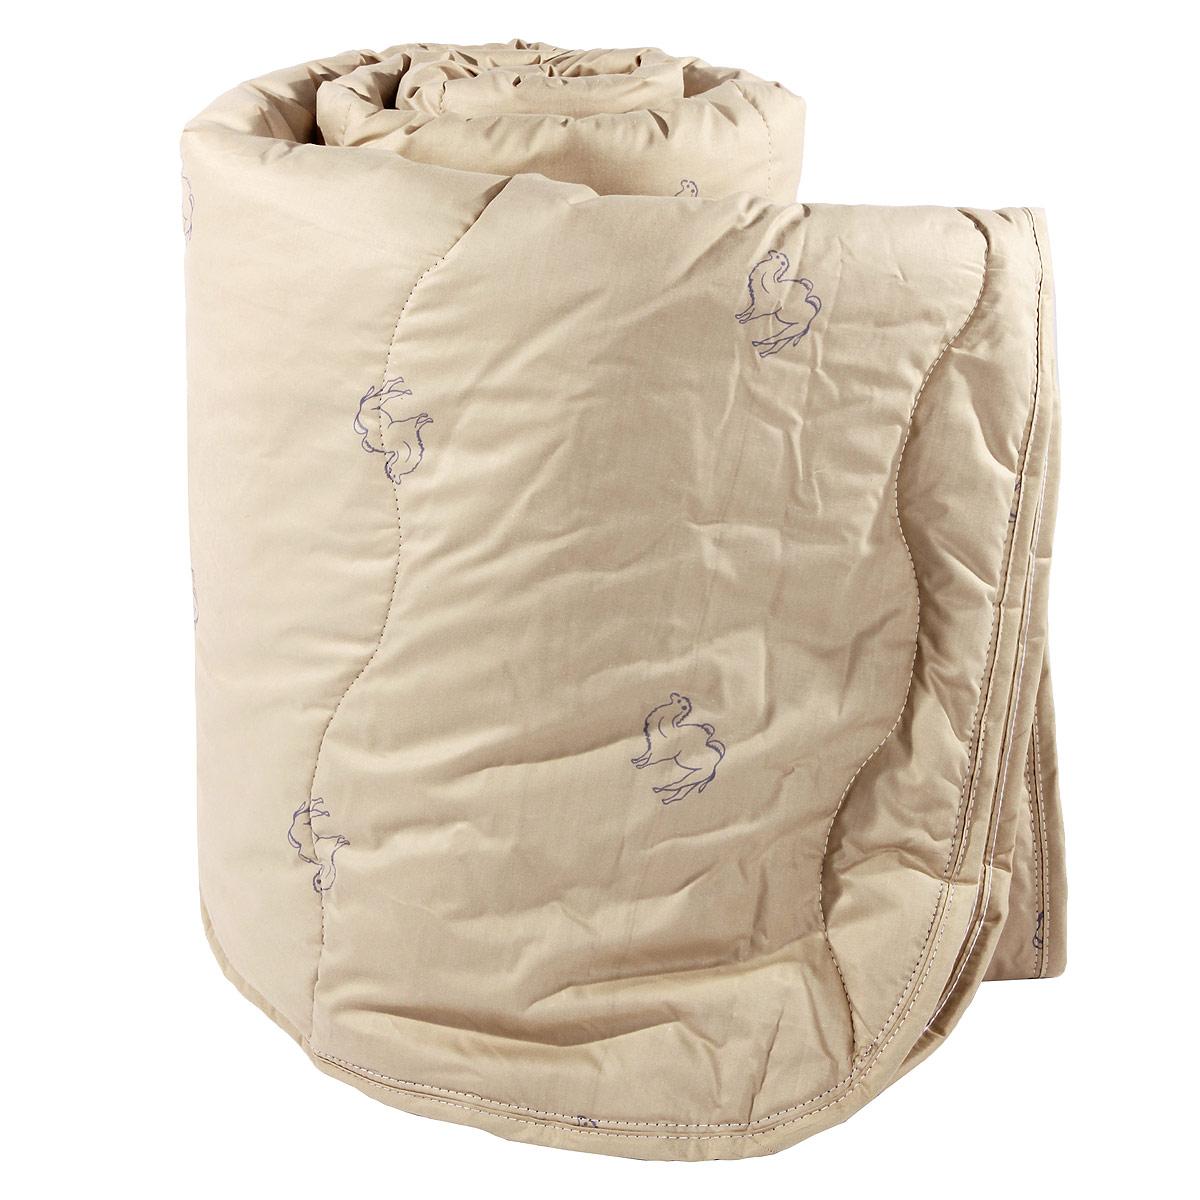 Одеяло Verossa, наполнитель: верблюжья шерсть, 172 х 205 см170583Одеяло Verossa представляет собой стеганый чехол из натурального хлопка с наполнителем из верблюжьей шерсти. Наполнитель обладает высокой гигроскопичностью, создавая эффект сухого тепла. Волокна верблюжьей шерсти полые внутри, образуют пласт, содержащий множество воздушных кармашков, которые равномерно сохраняют и распределяют тепло, обеспечивая естественную терморегуляцию в жару и холод. Верблюжья шерсть обладает рядом уникальных лечебных свойств, благодаря которым расширяются сосуды, усиливается микроциркуляция крови. Шерсть снимает статическое напряжение, благоприятно воздействует на опорно-двигательный аппарат. Одеяло, выстеганное оригинальным узором Барханы, украсит ваш дом и подарит наслаждение от отдыха.Одеяло упаковано в прозрачный пластиковый чехол на змейке с ручкой, что является чрезвычайно удобным при переноске. Характеристики:Материал чехла: перкаль (100% хлопок). Наполнитель: верблюжья шерсть. Масса наполнителя: 300 г/м2. Размер одеяла: 172 см х 205 см. Размер упаковки:60 см x 15 см x 45 см. Артикул: 170583.